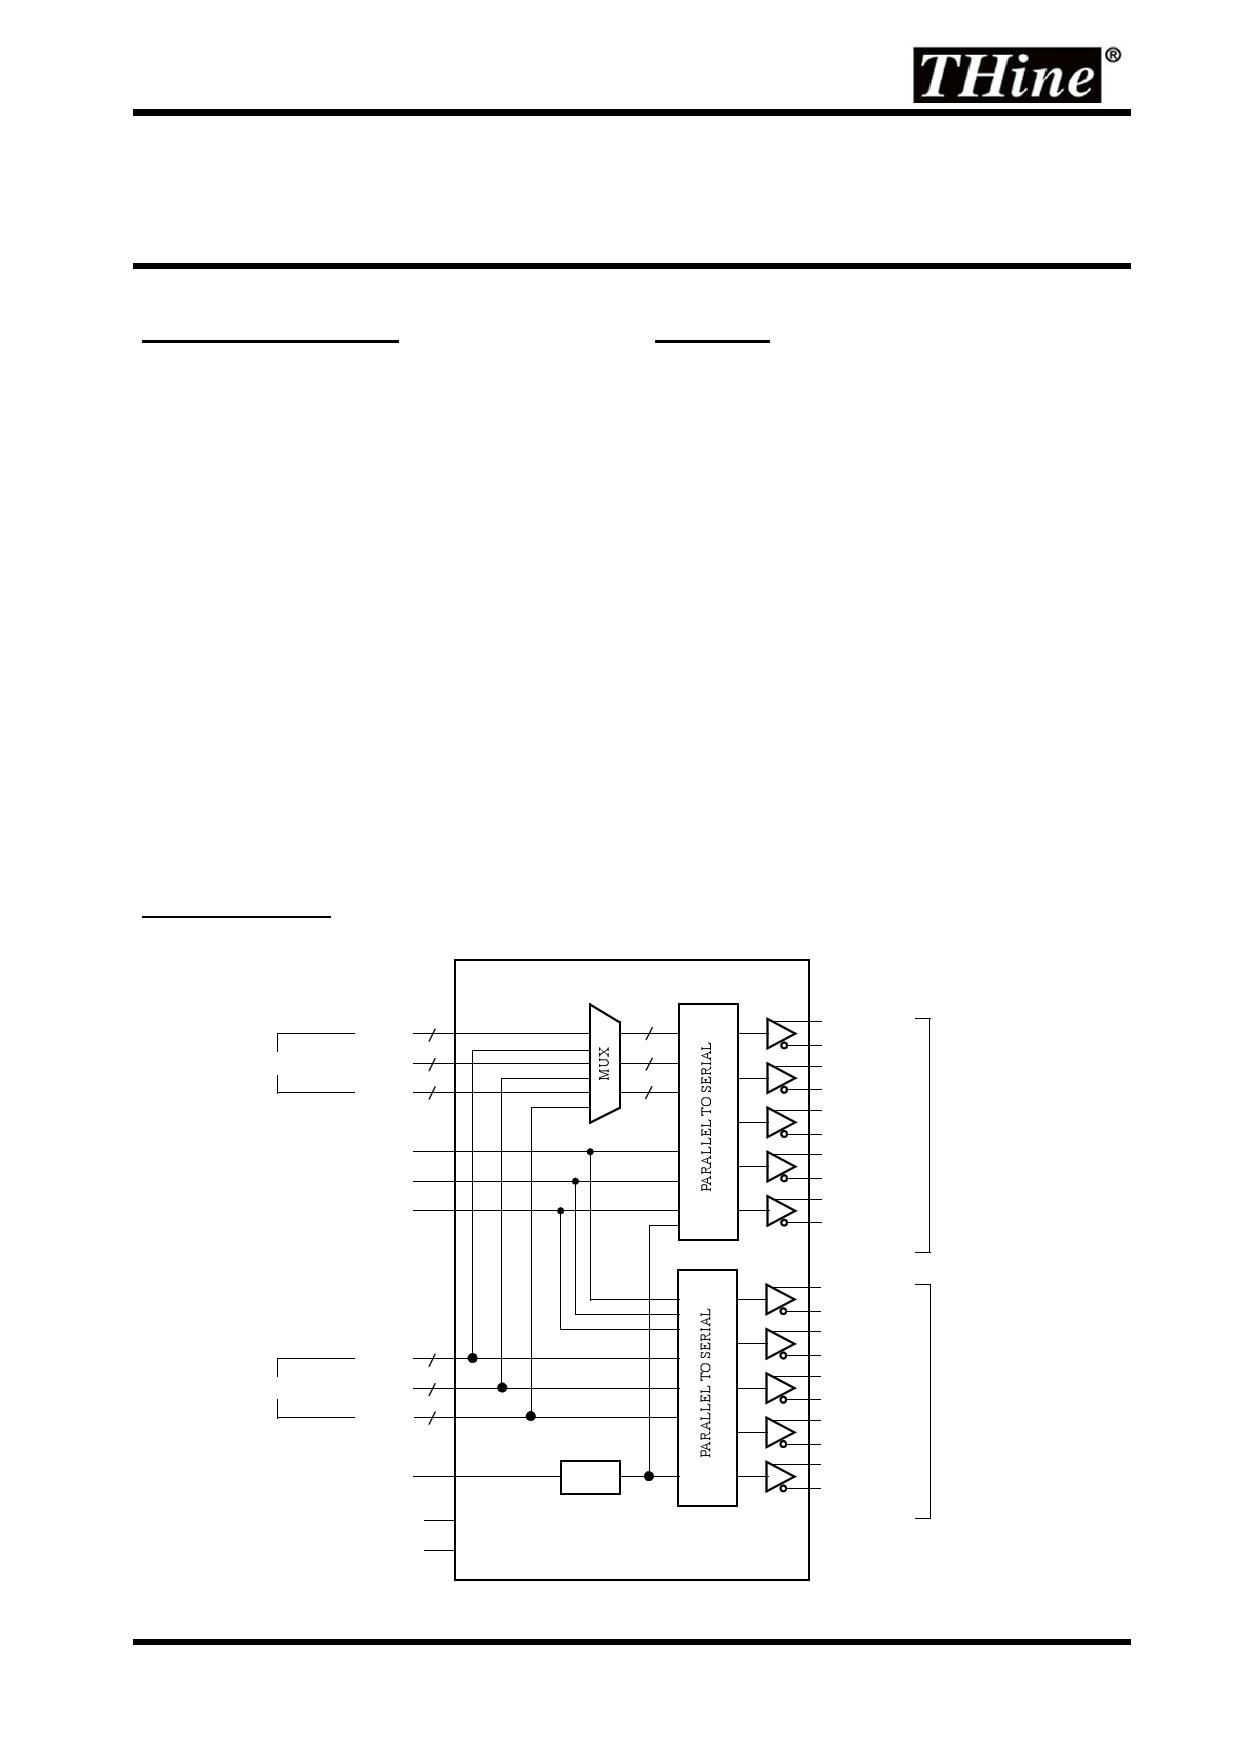 THC63LVD823 datasheet pinout pdf